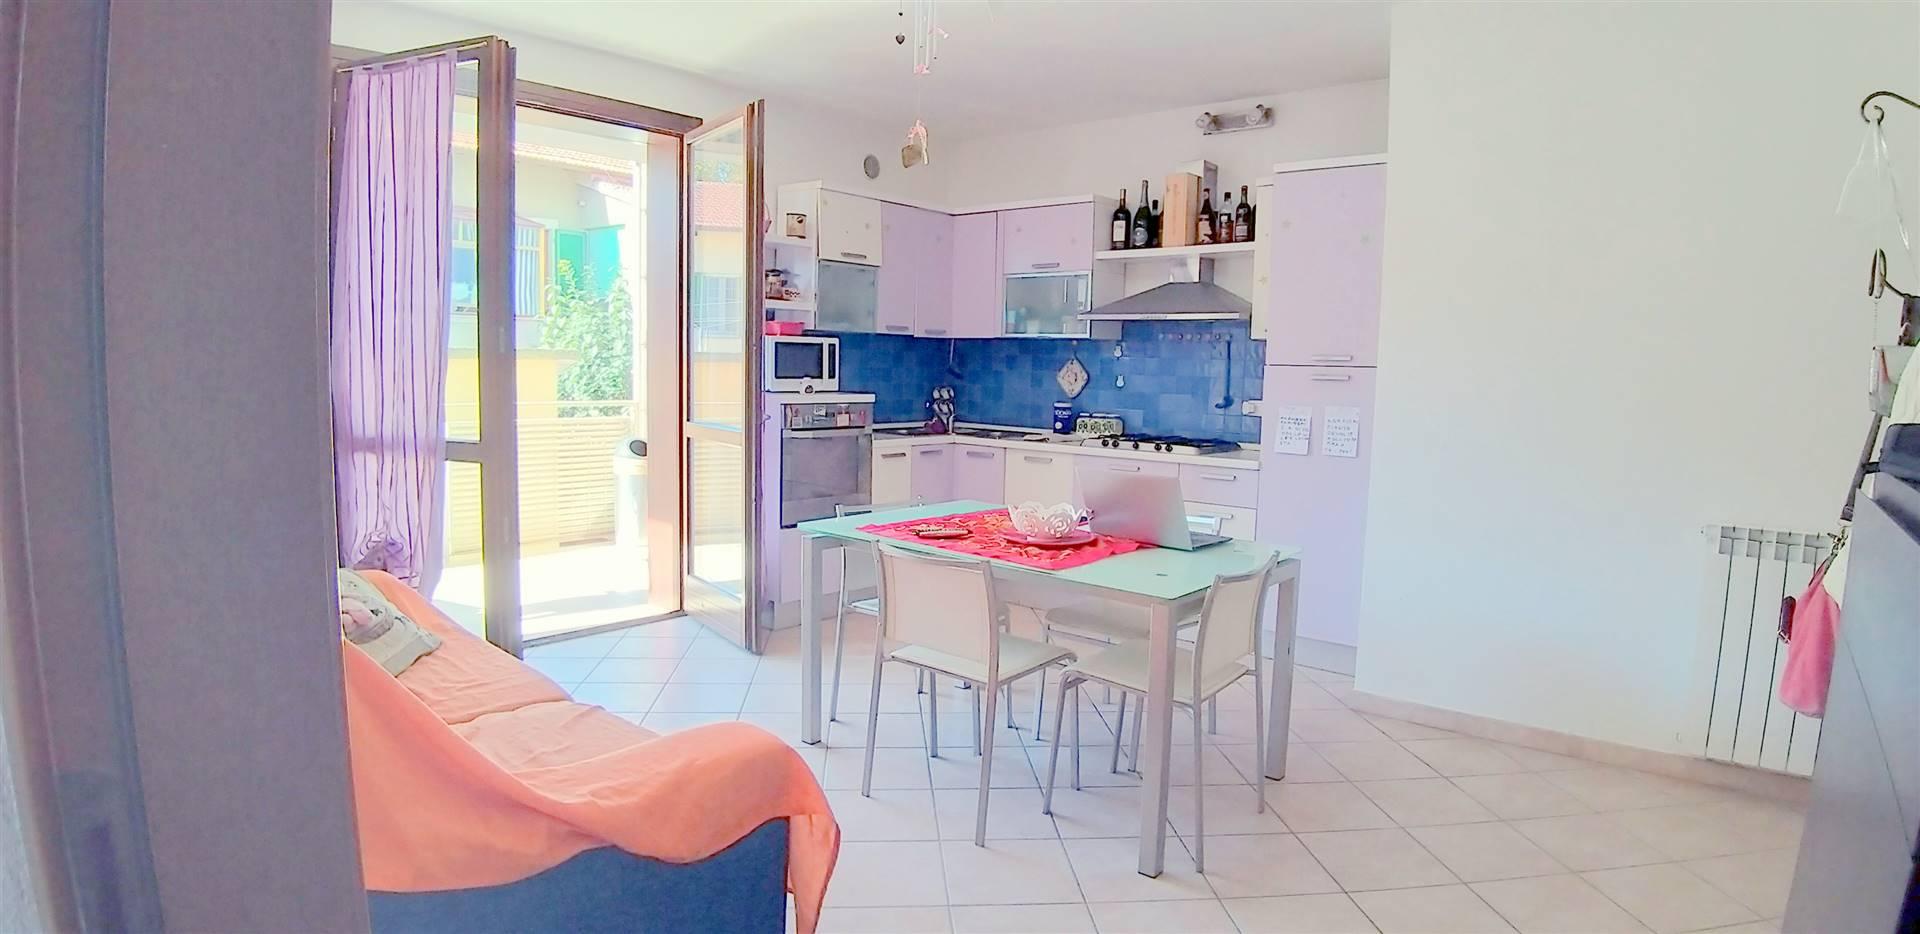 Appartamento in vendita a Grosseto, 2 locali, zona Località: VIA DEI MILLE, prezzo € 120.000 | PortaleAgenzieImmobiliari.it